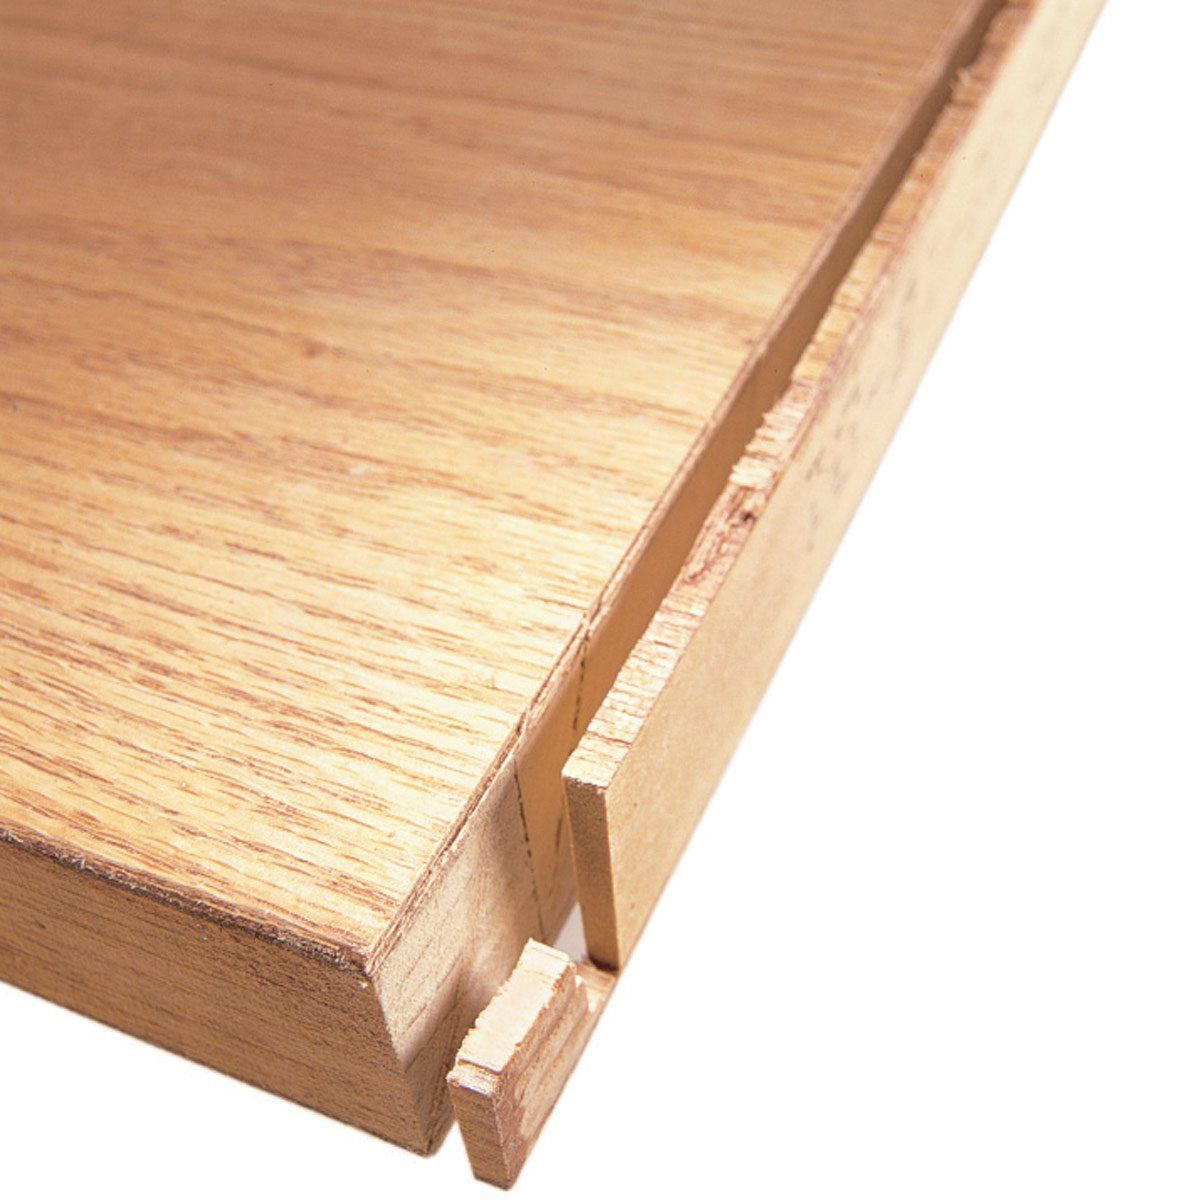 Quick Chipped Wood Door Fix